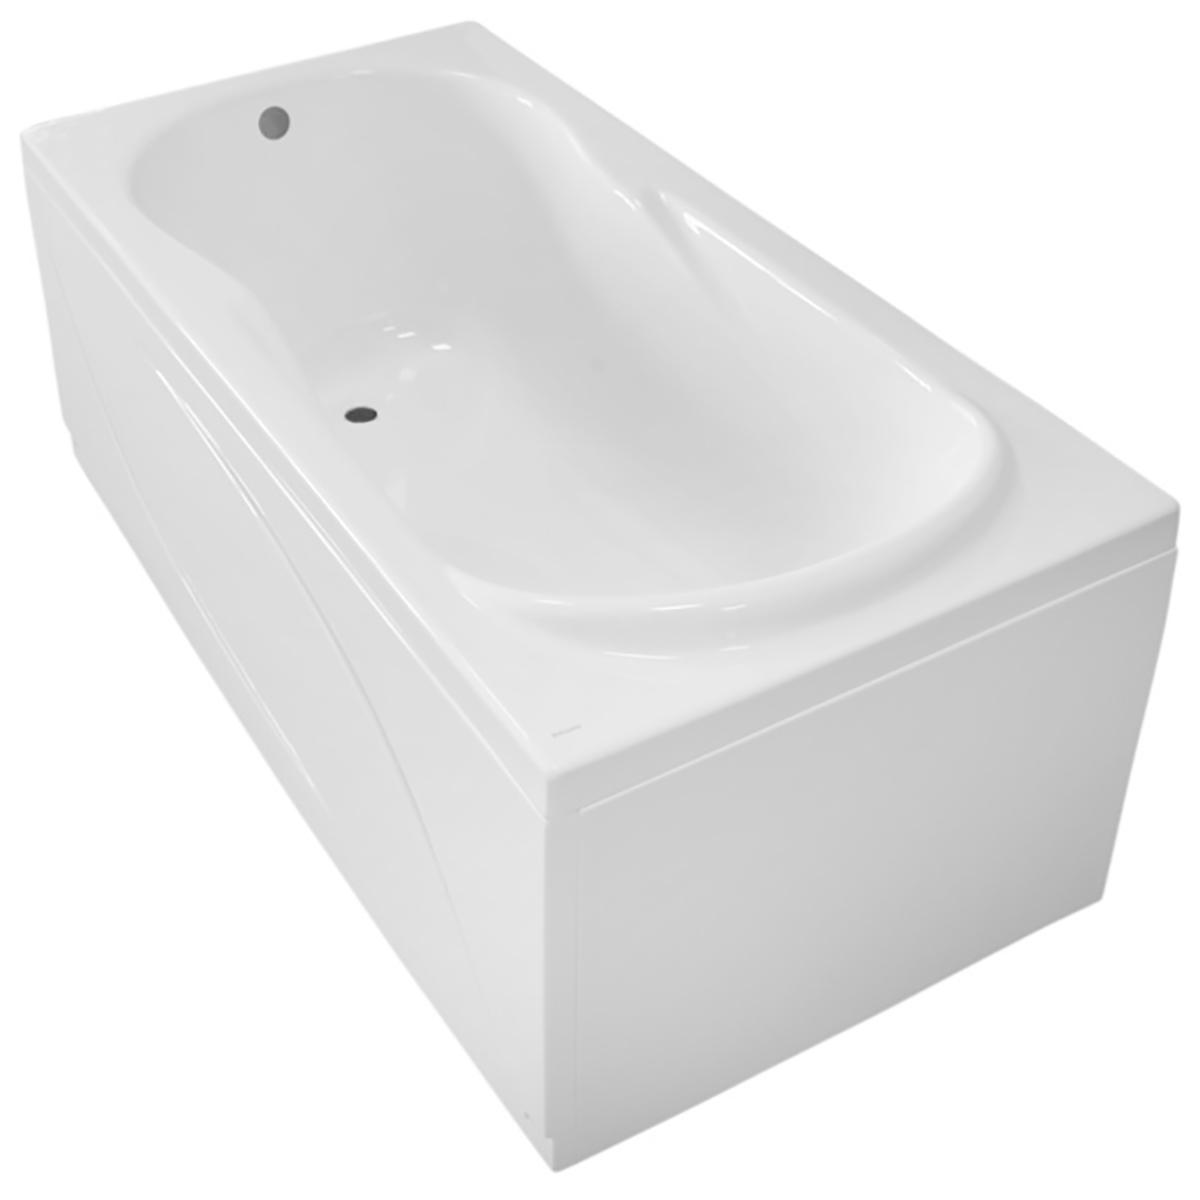 Ванна прямоугольная акриловая Roca Uno ZRU9302870 (белая), 1700x750x500 мм фото